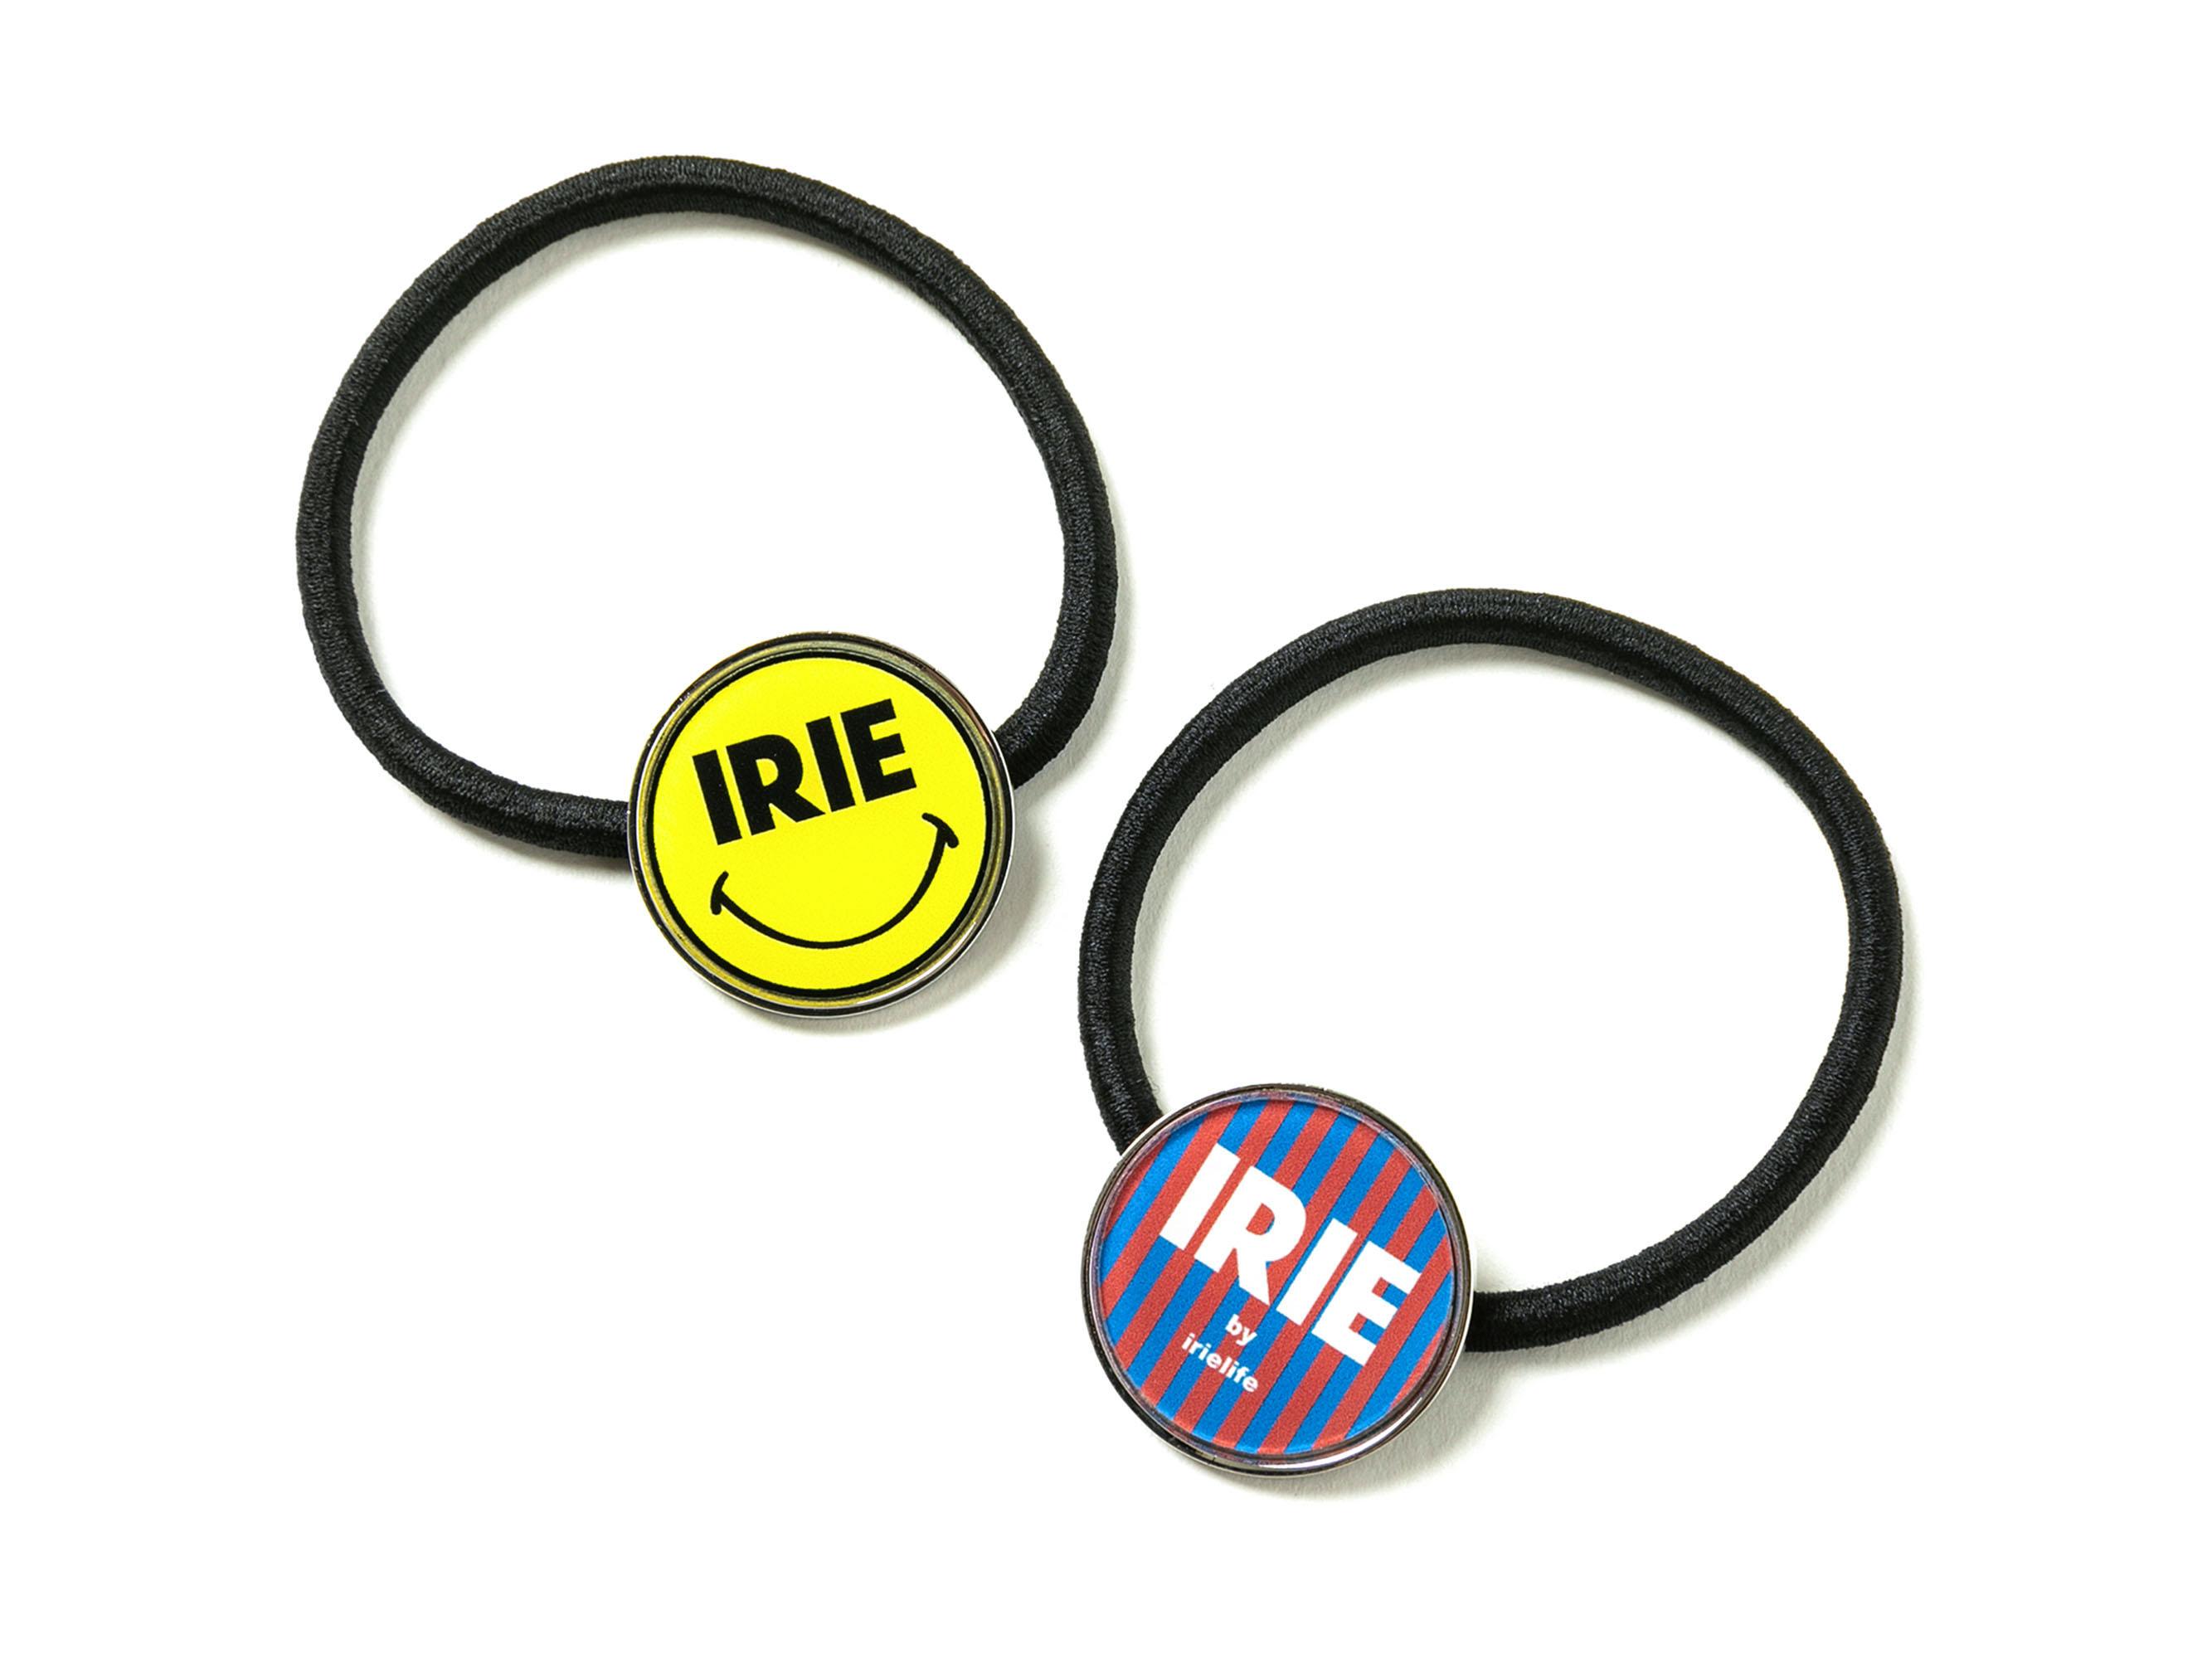 IRIE HAIR TIE - IRIE by irielife